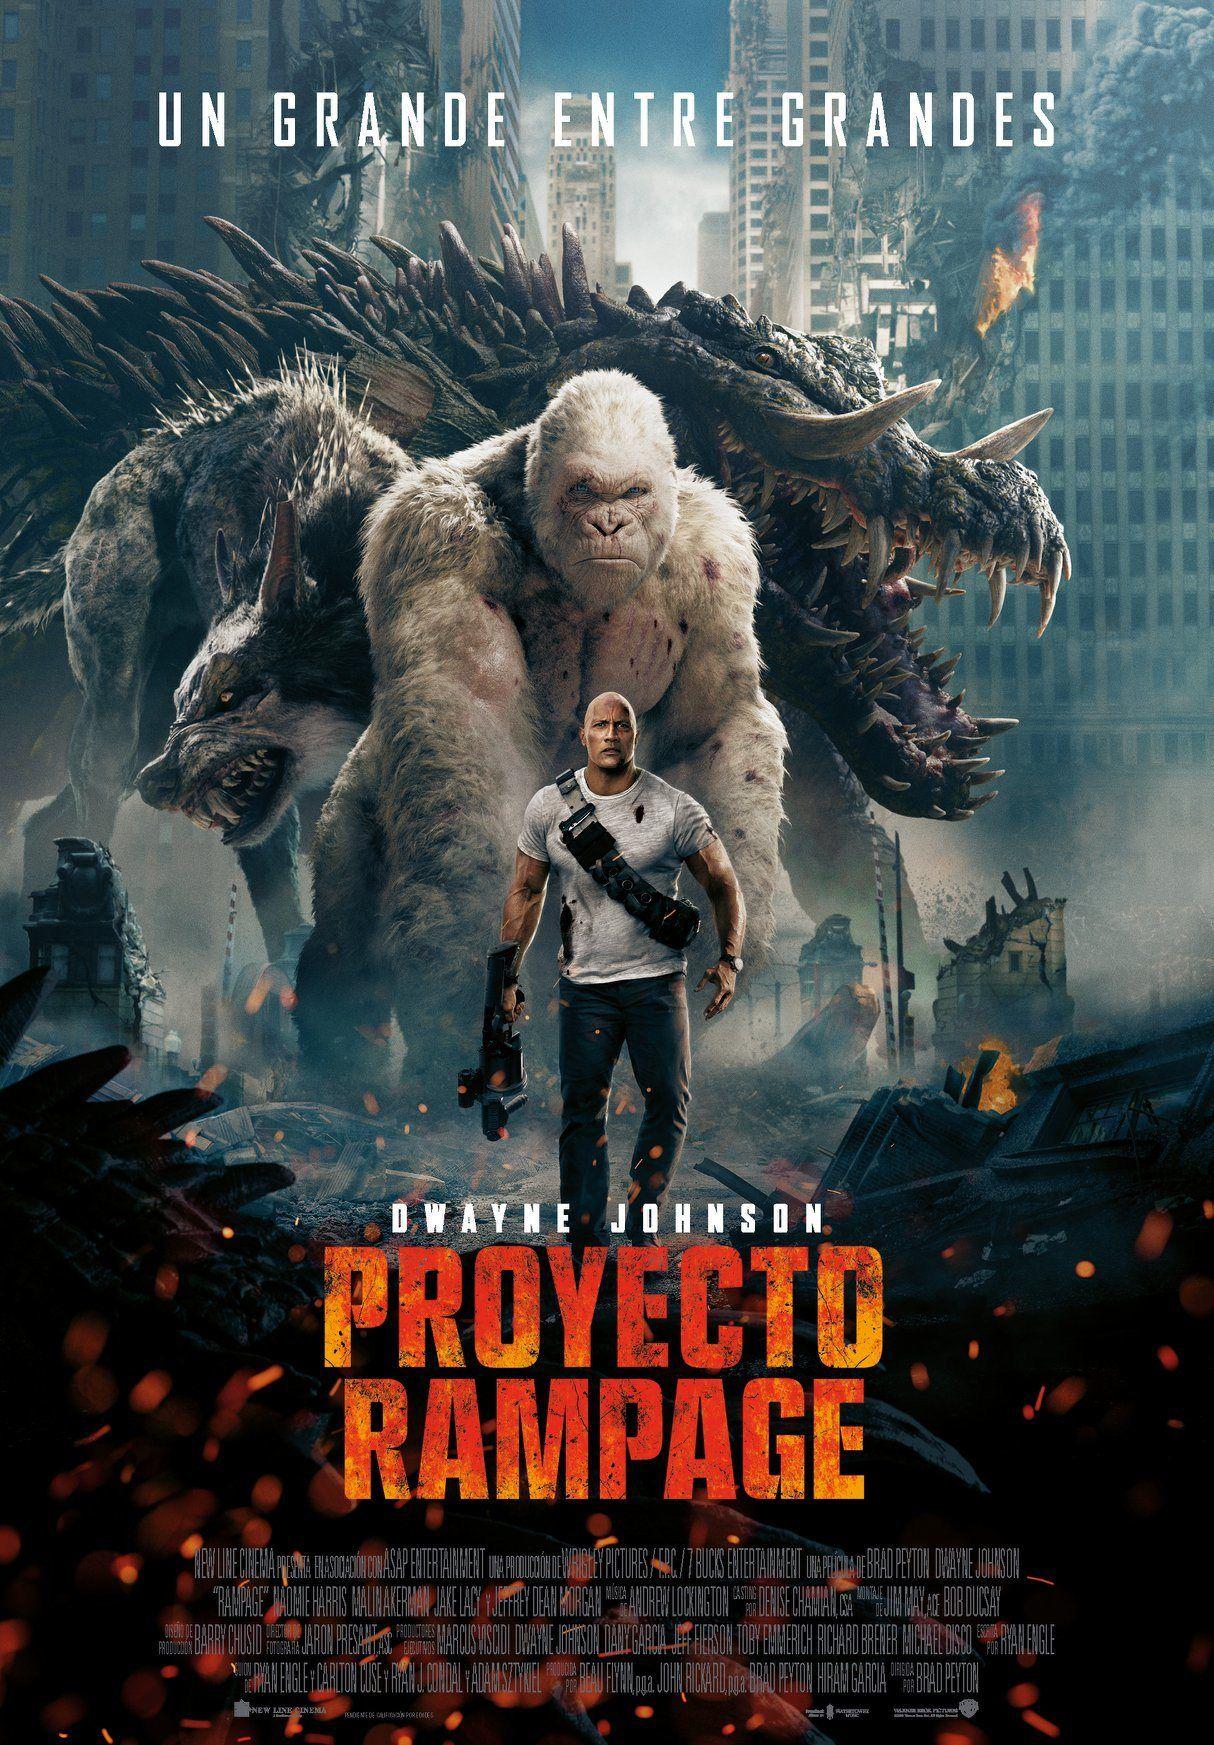 Descarga Proyecto Rampage Perfecto Película Completa En Español Latino Mega Peliculas En Castellano Peliculas En Español Ver Peliculas Gratis